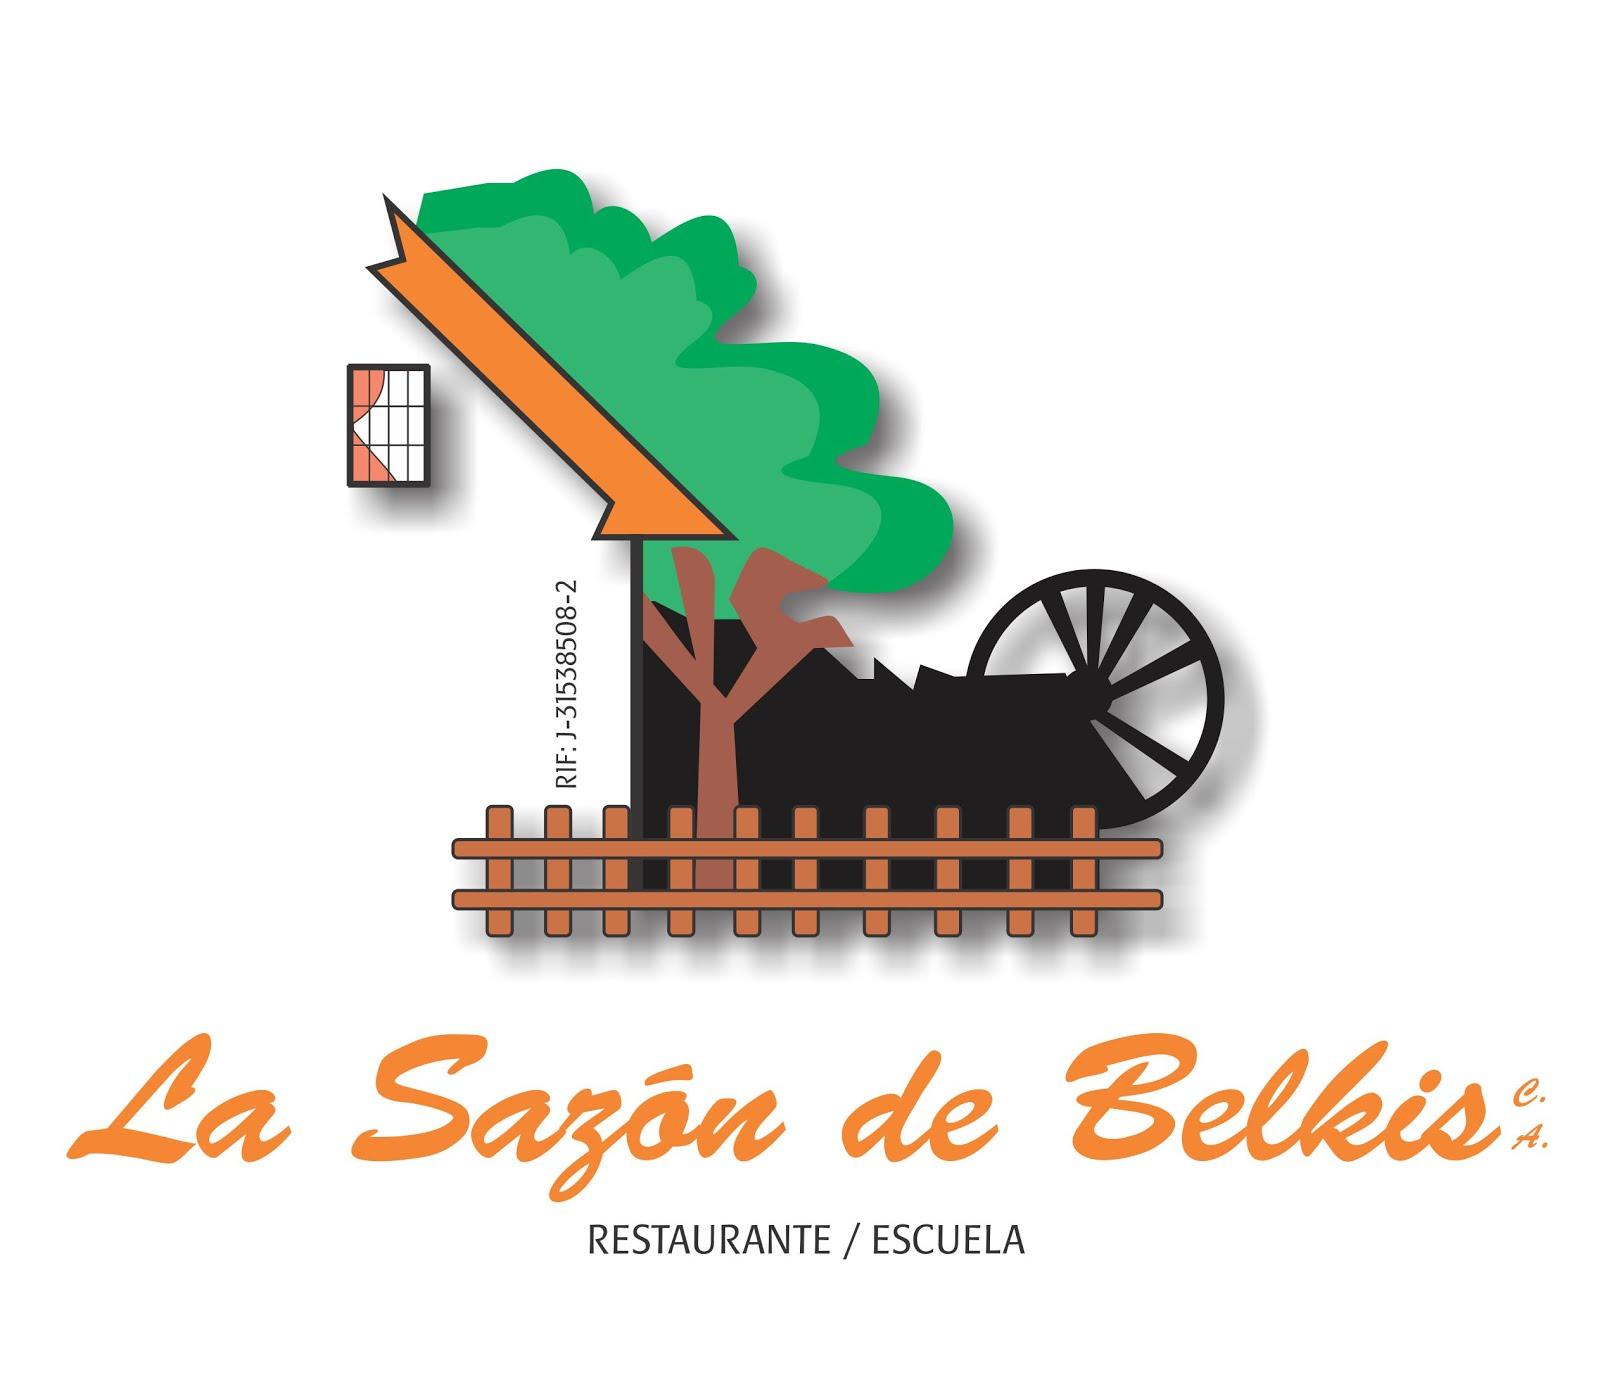 Restaurante Escuela La Sazón de Belkis